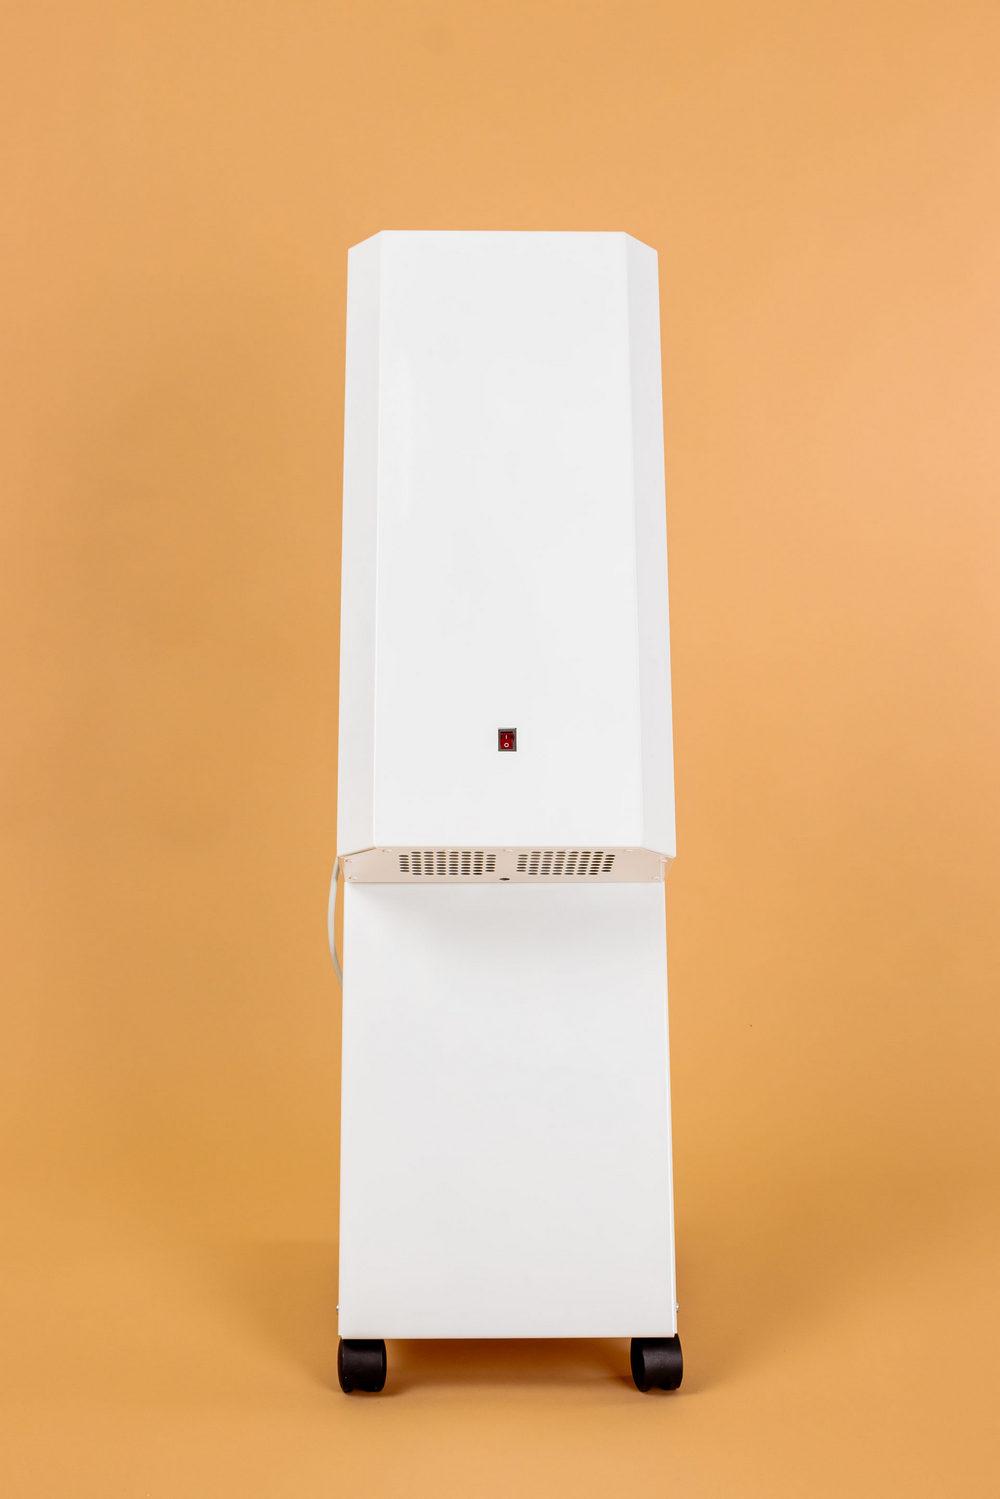 Стойка для рециркулятора ЕС-70, интернет-магазин Убирай-Крым г. Симферополь